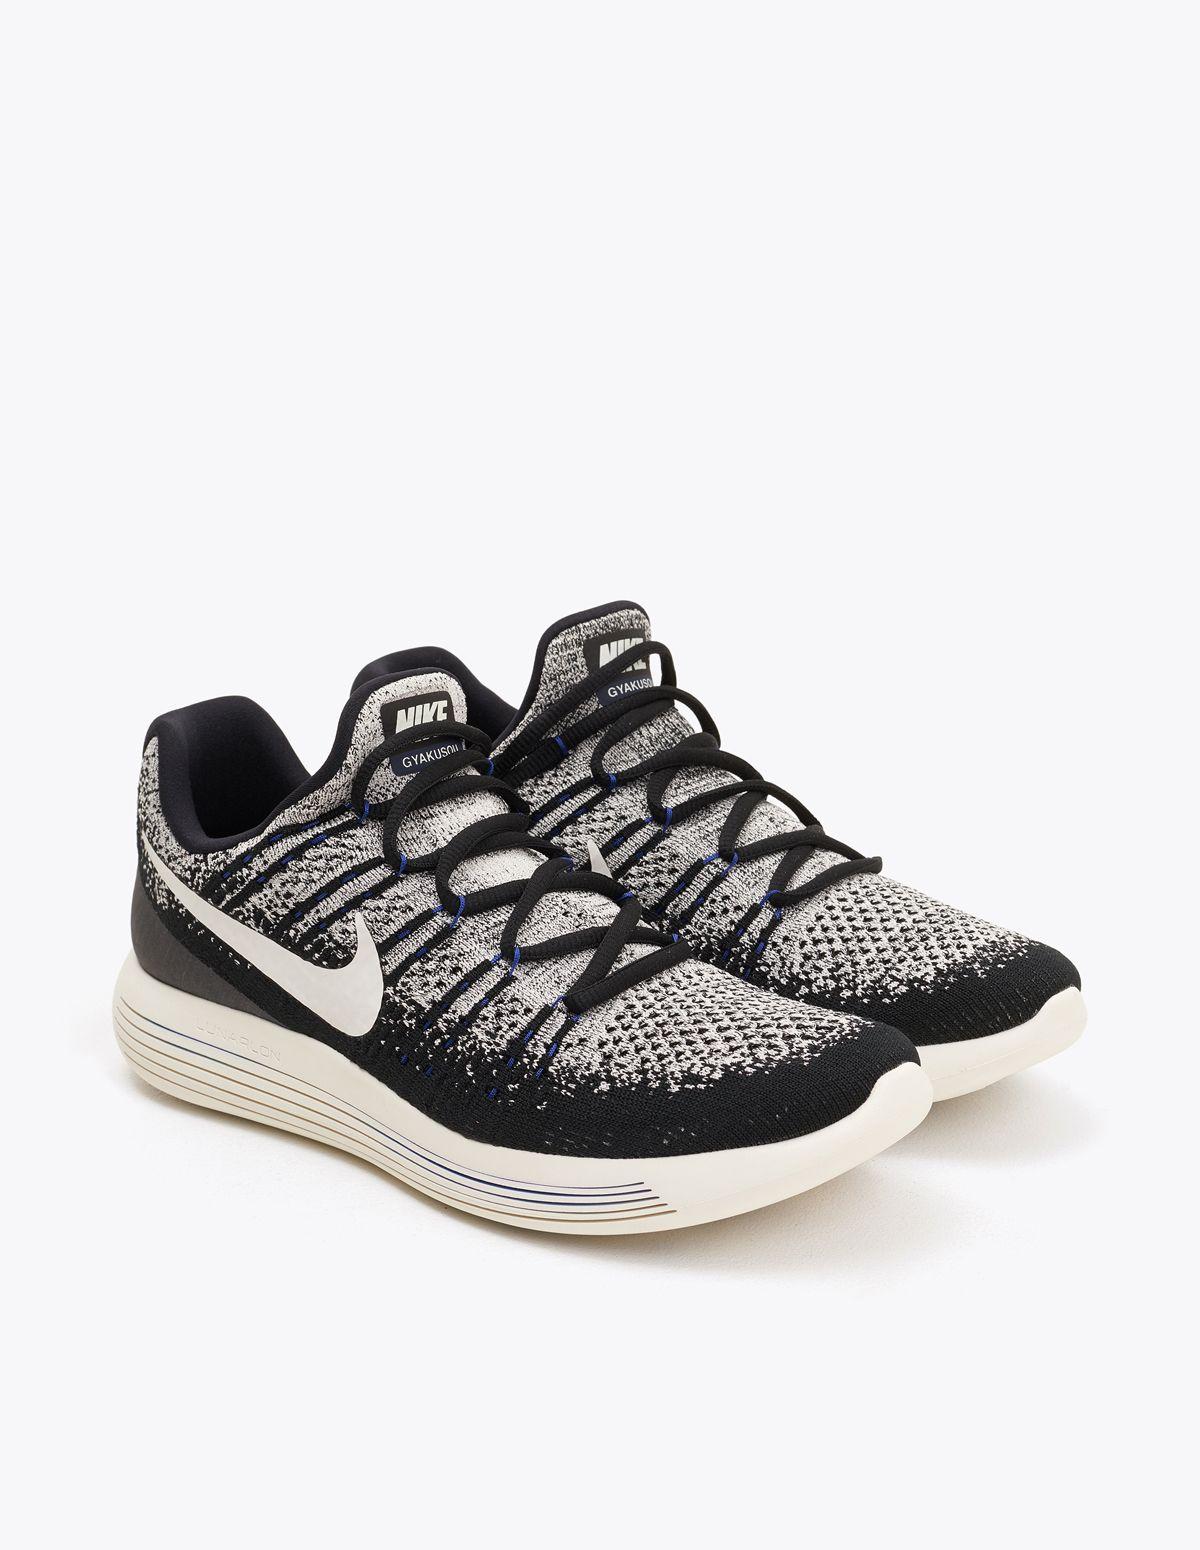 c143e53a7577 Nike x Undercover Gyakusou Lunarepic Low Flyknit 2 Black Sail ...